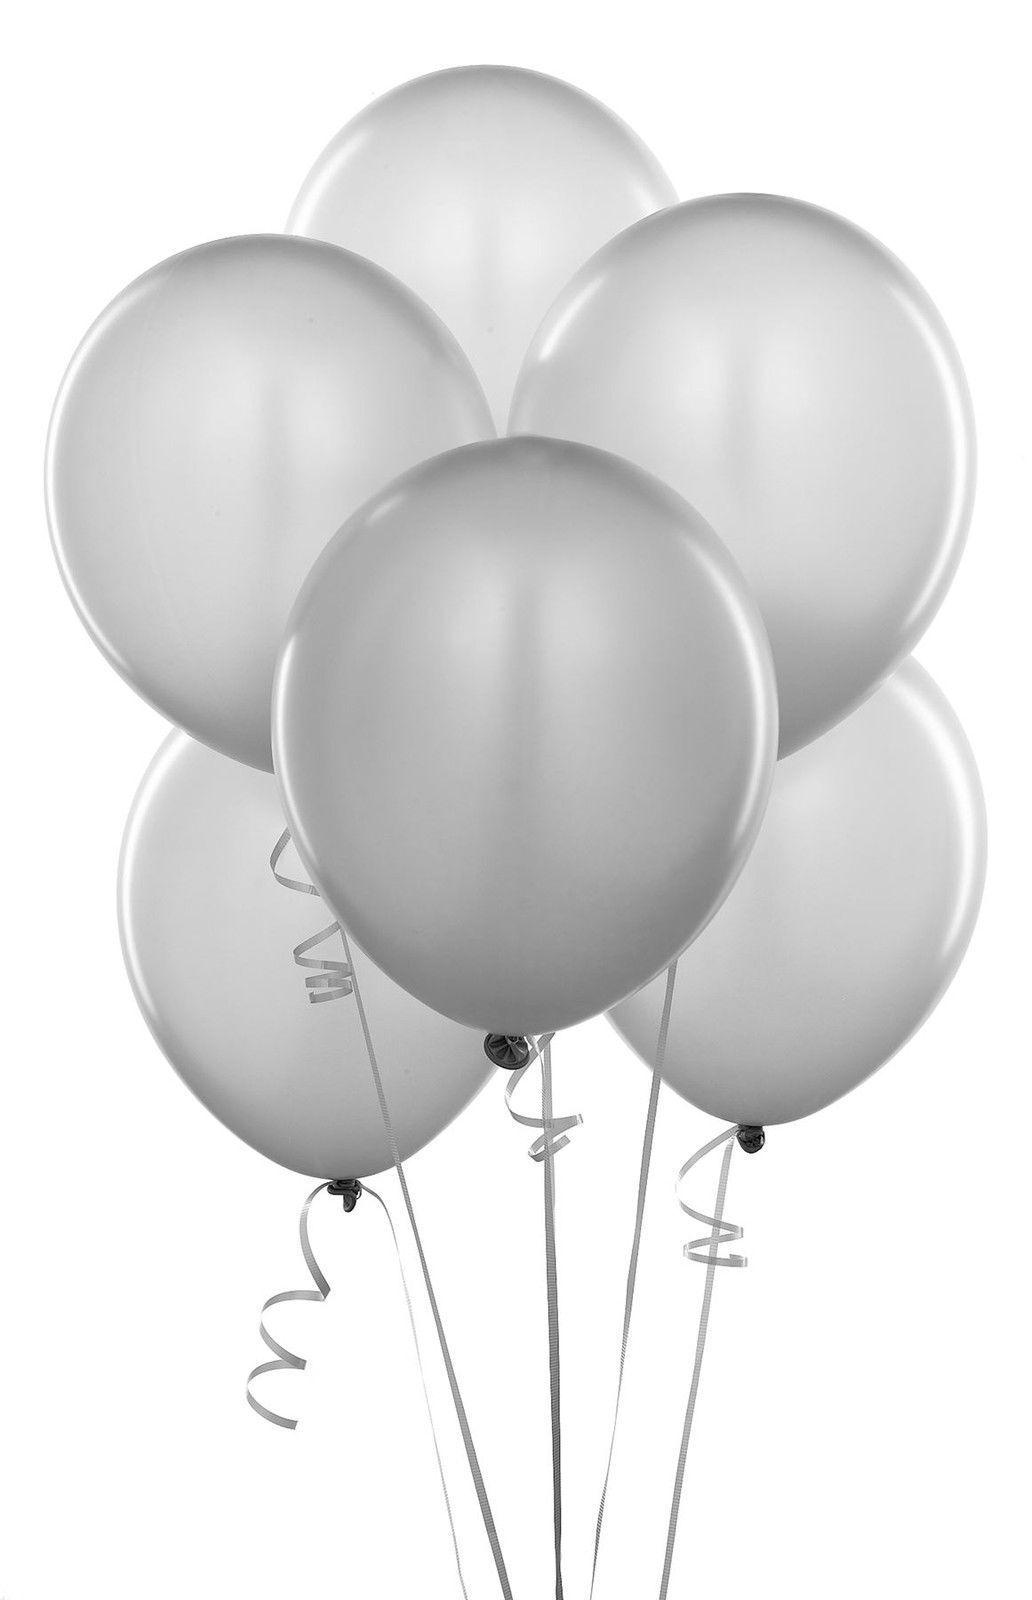 Wholesale Black Ballons Latex Vrac Prix joblots Qualité Toute Occasion ballon